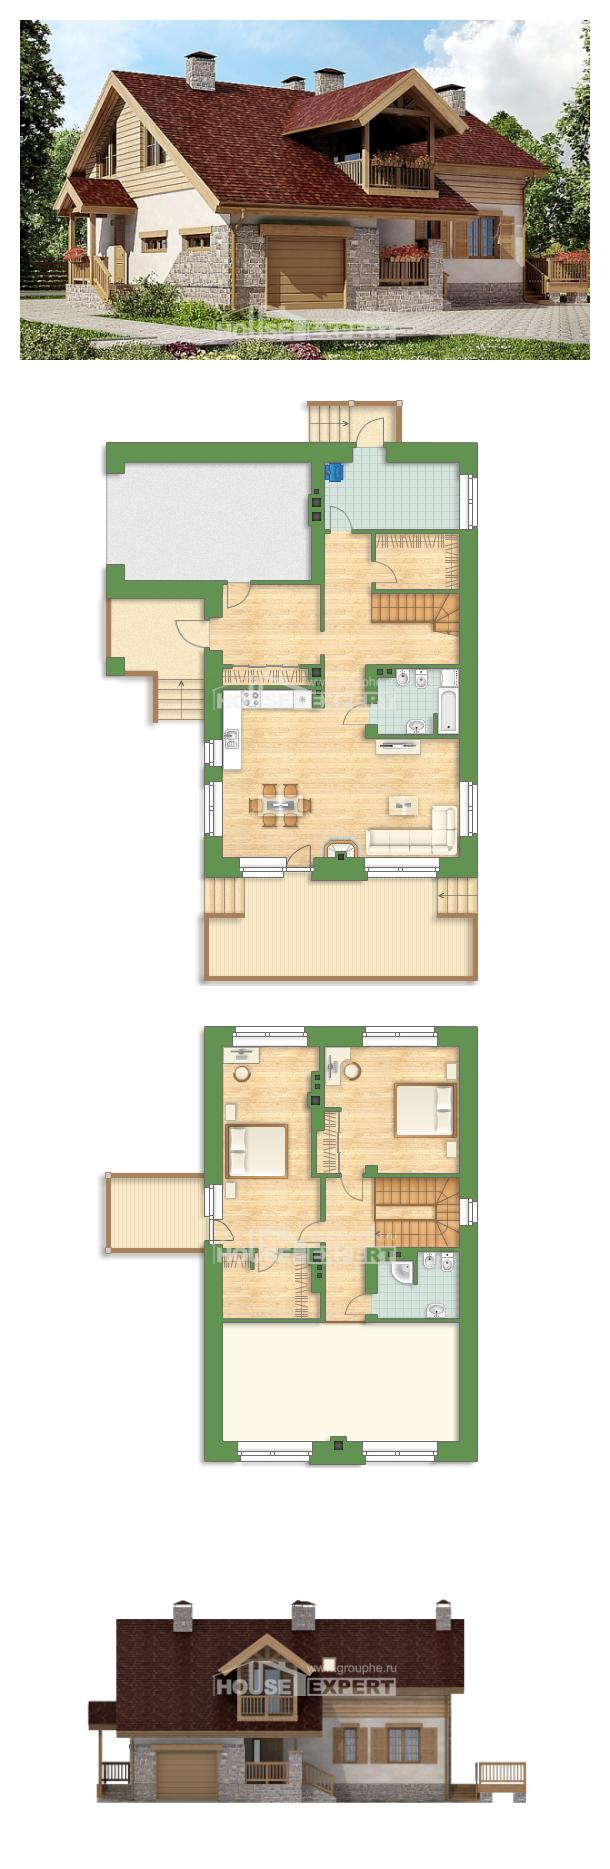 خطة البيت 165-002-R | House Expert